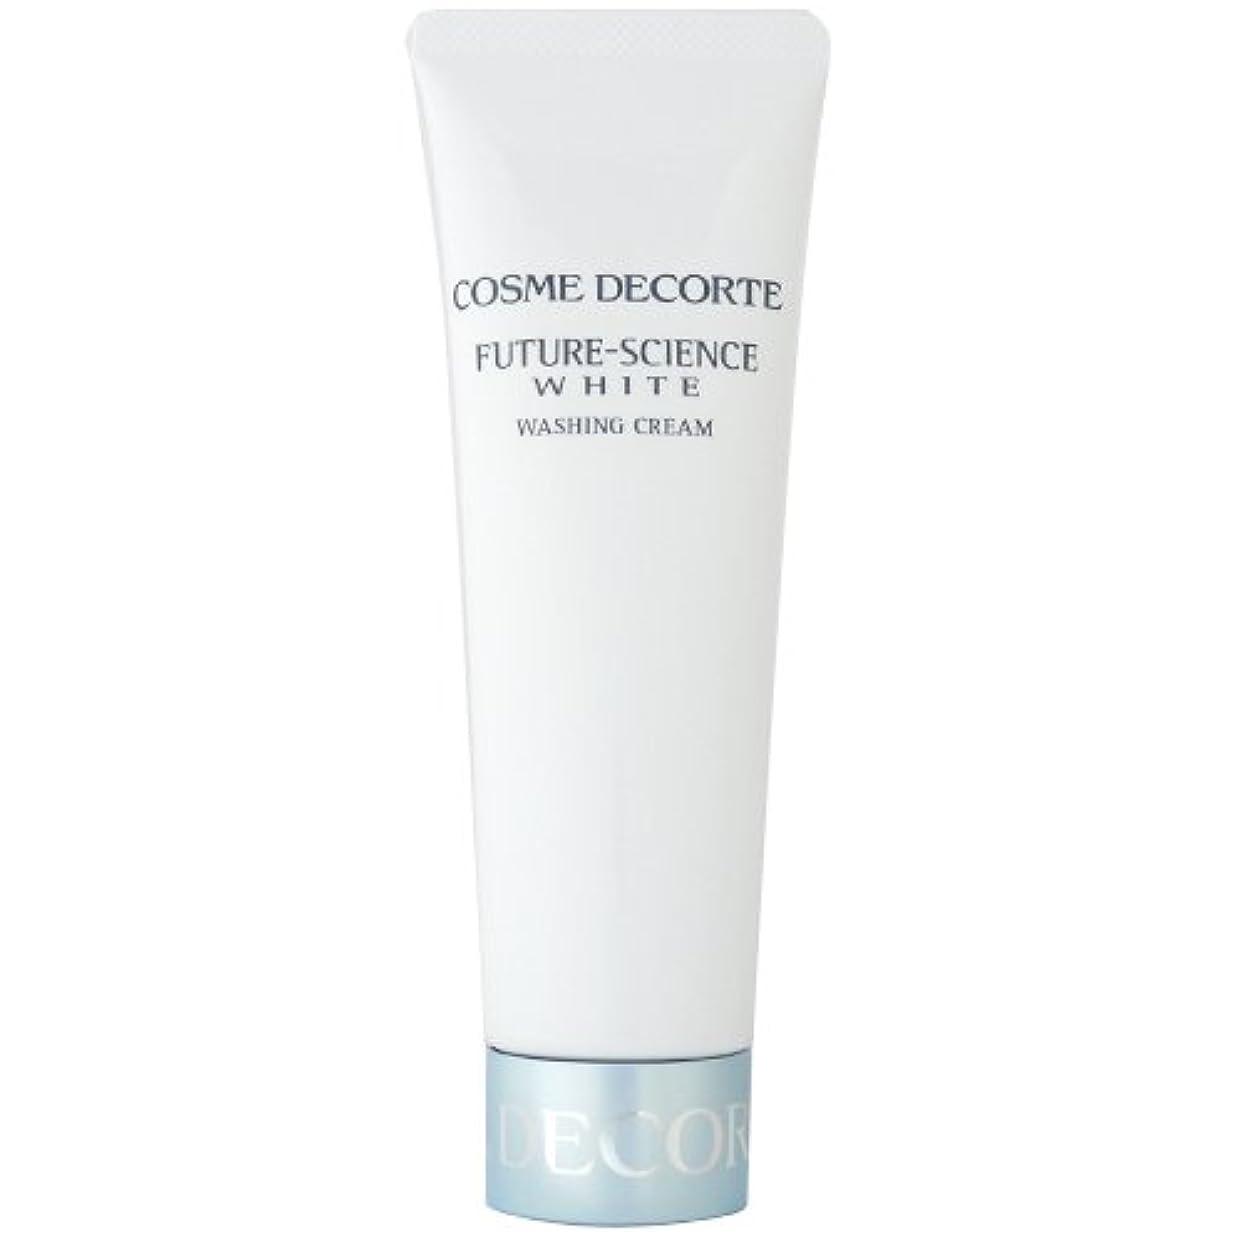 塩辛いちらつき海外コーセー コスメデコルテ COSME DECORTE フューチャーサイエンス ホワイト ウォッシング クリーム 130g